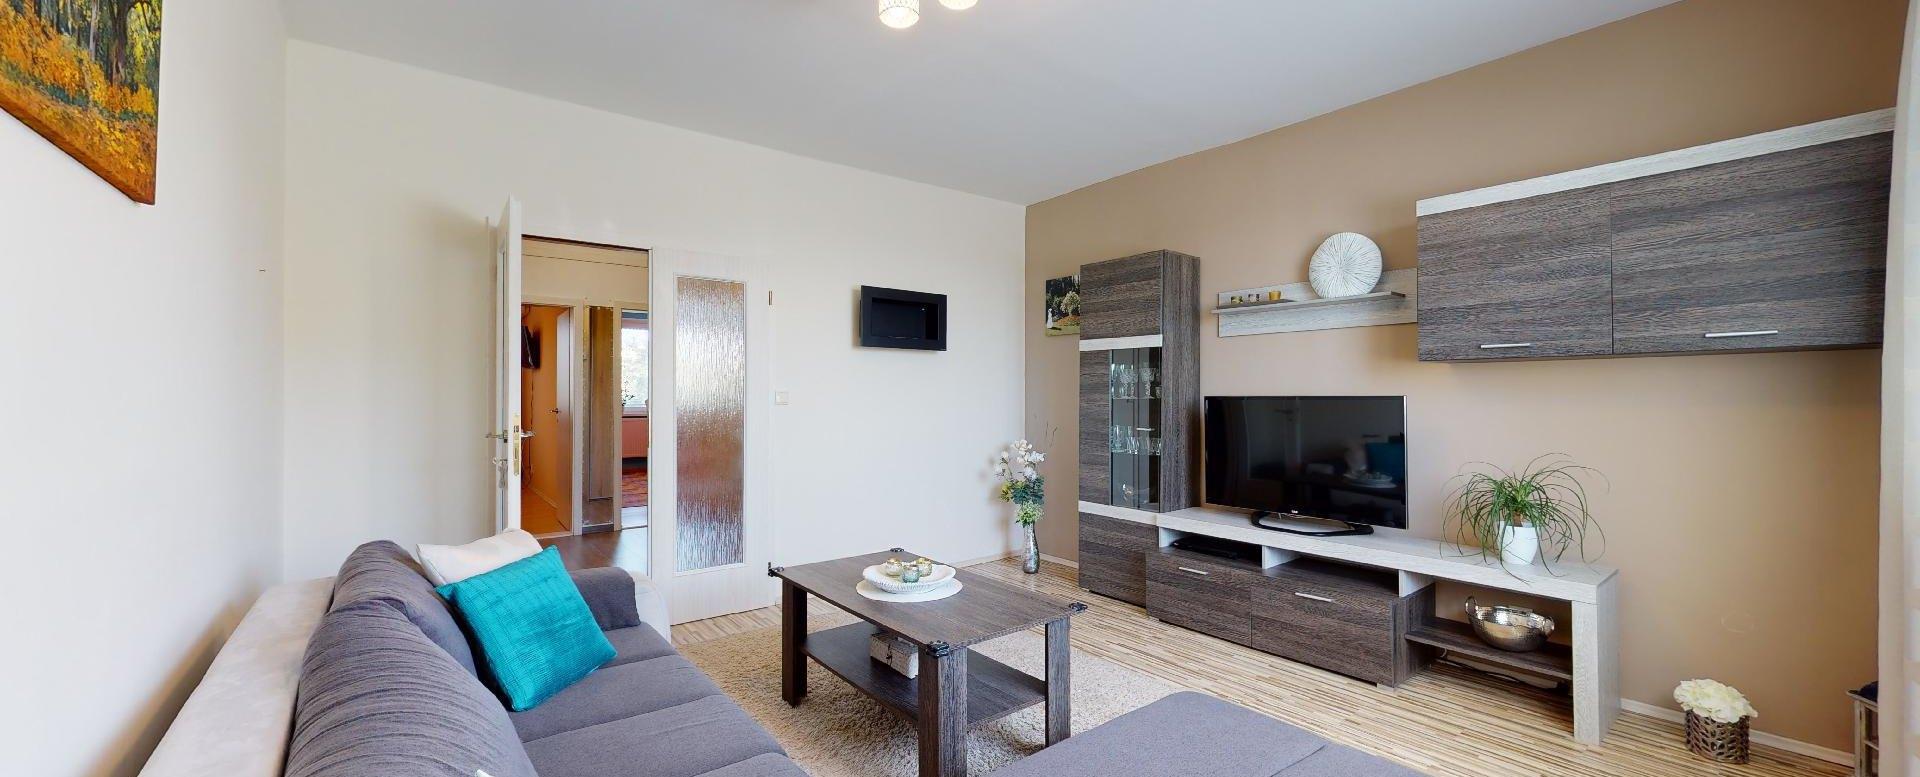 Obývacia izba pohľad